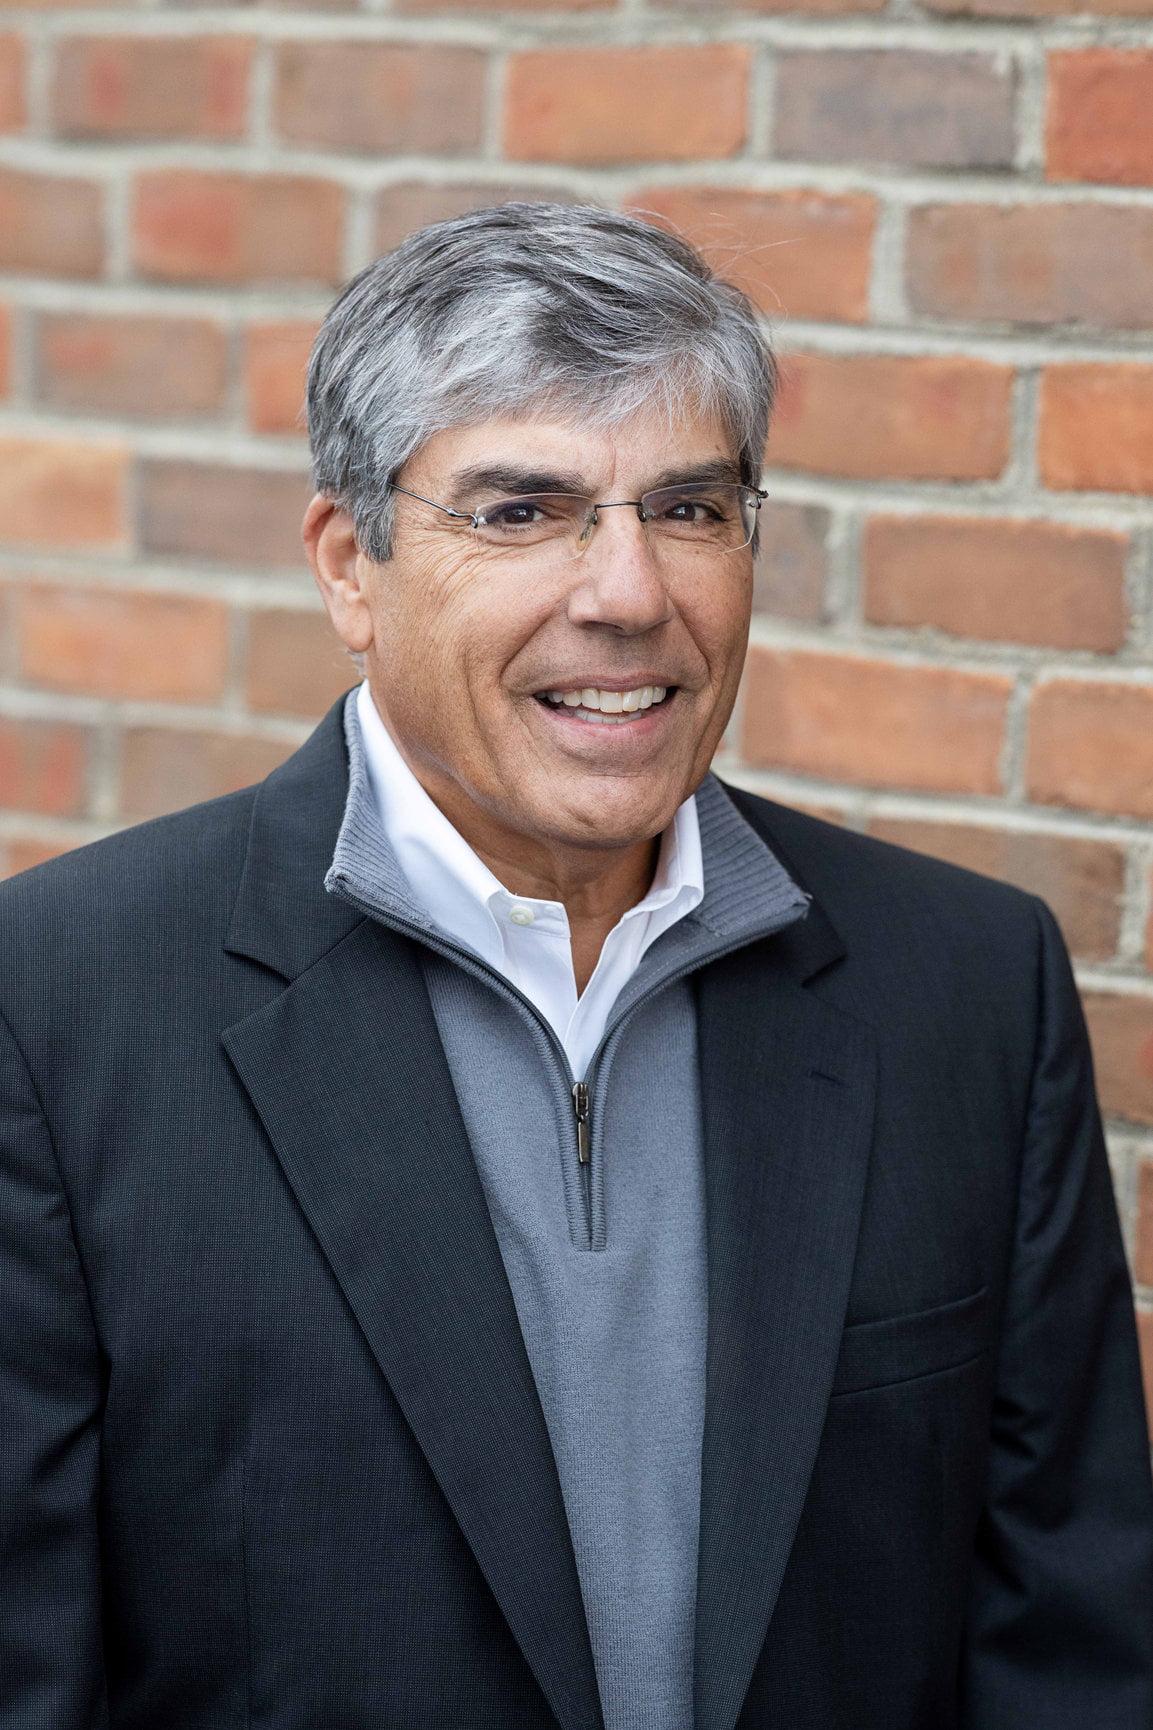 Ralph Guarasci, CIC